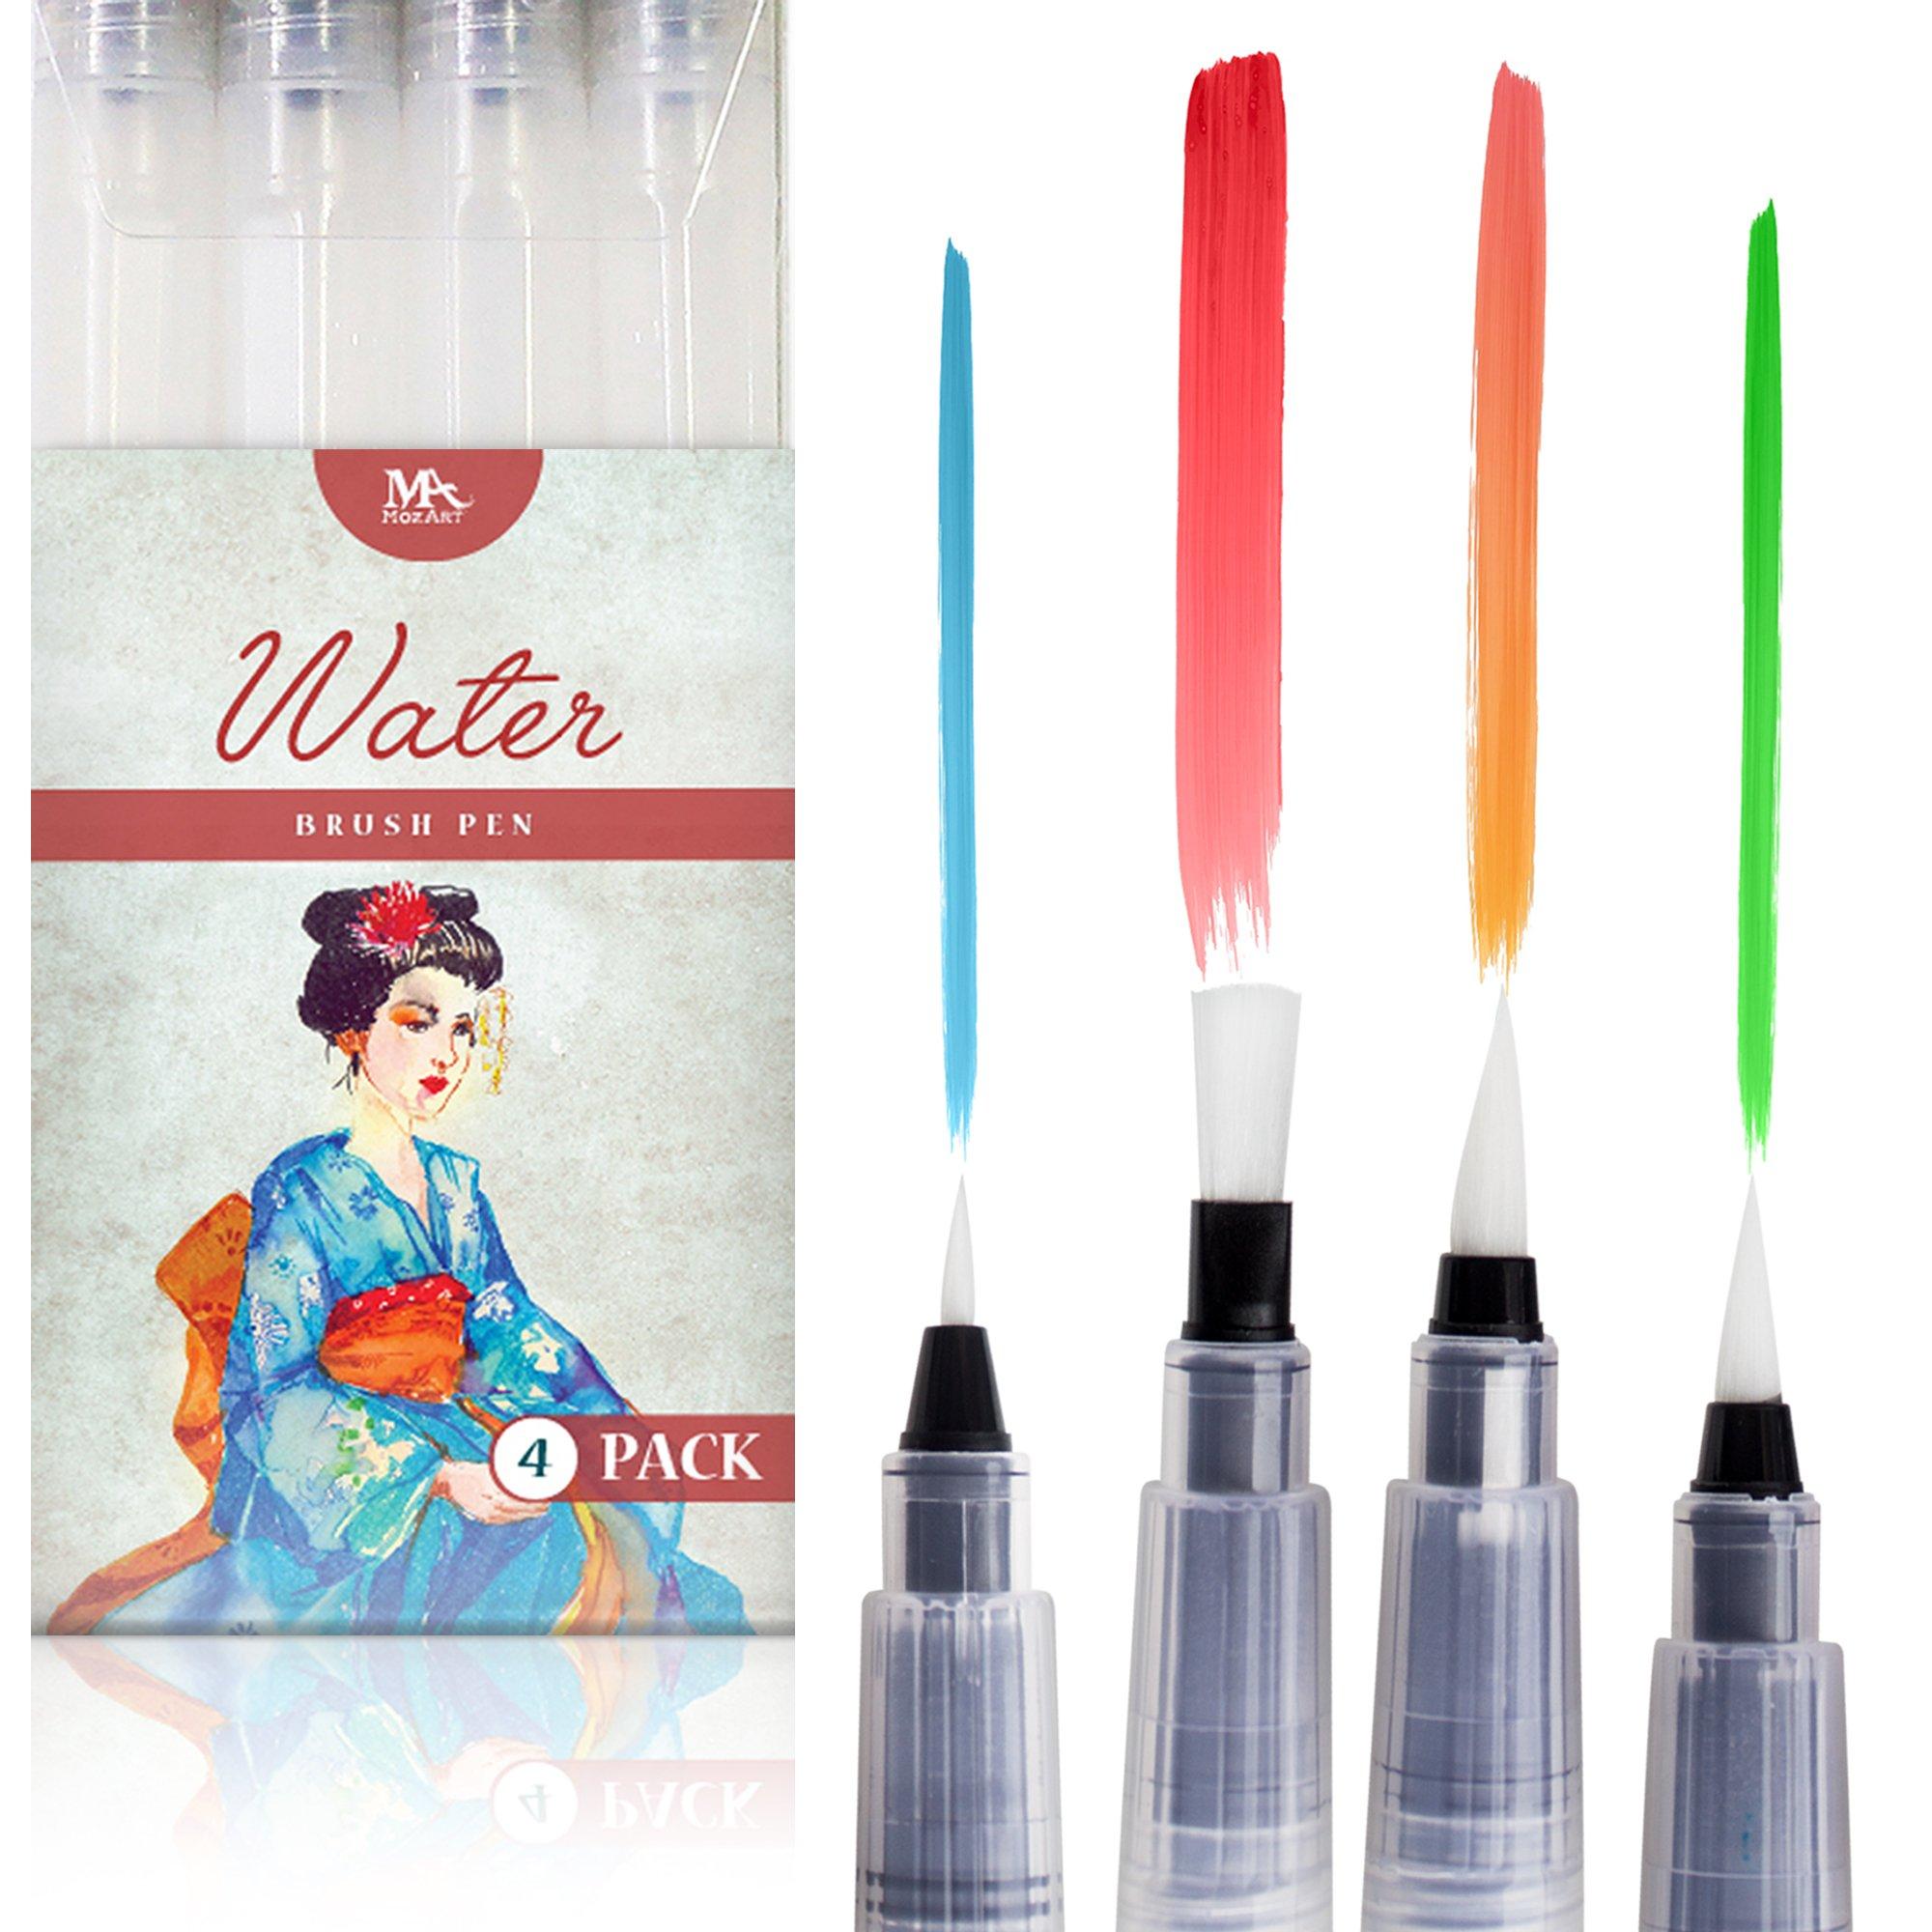 Water Brush Pen Set 4 Pcs Water Brush Pen Brush Pen Water Brush